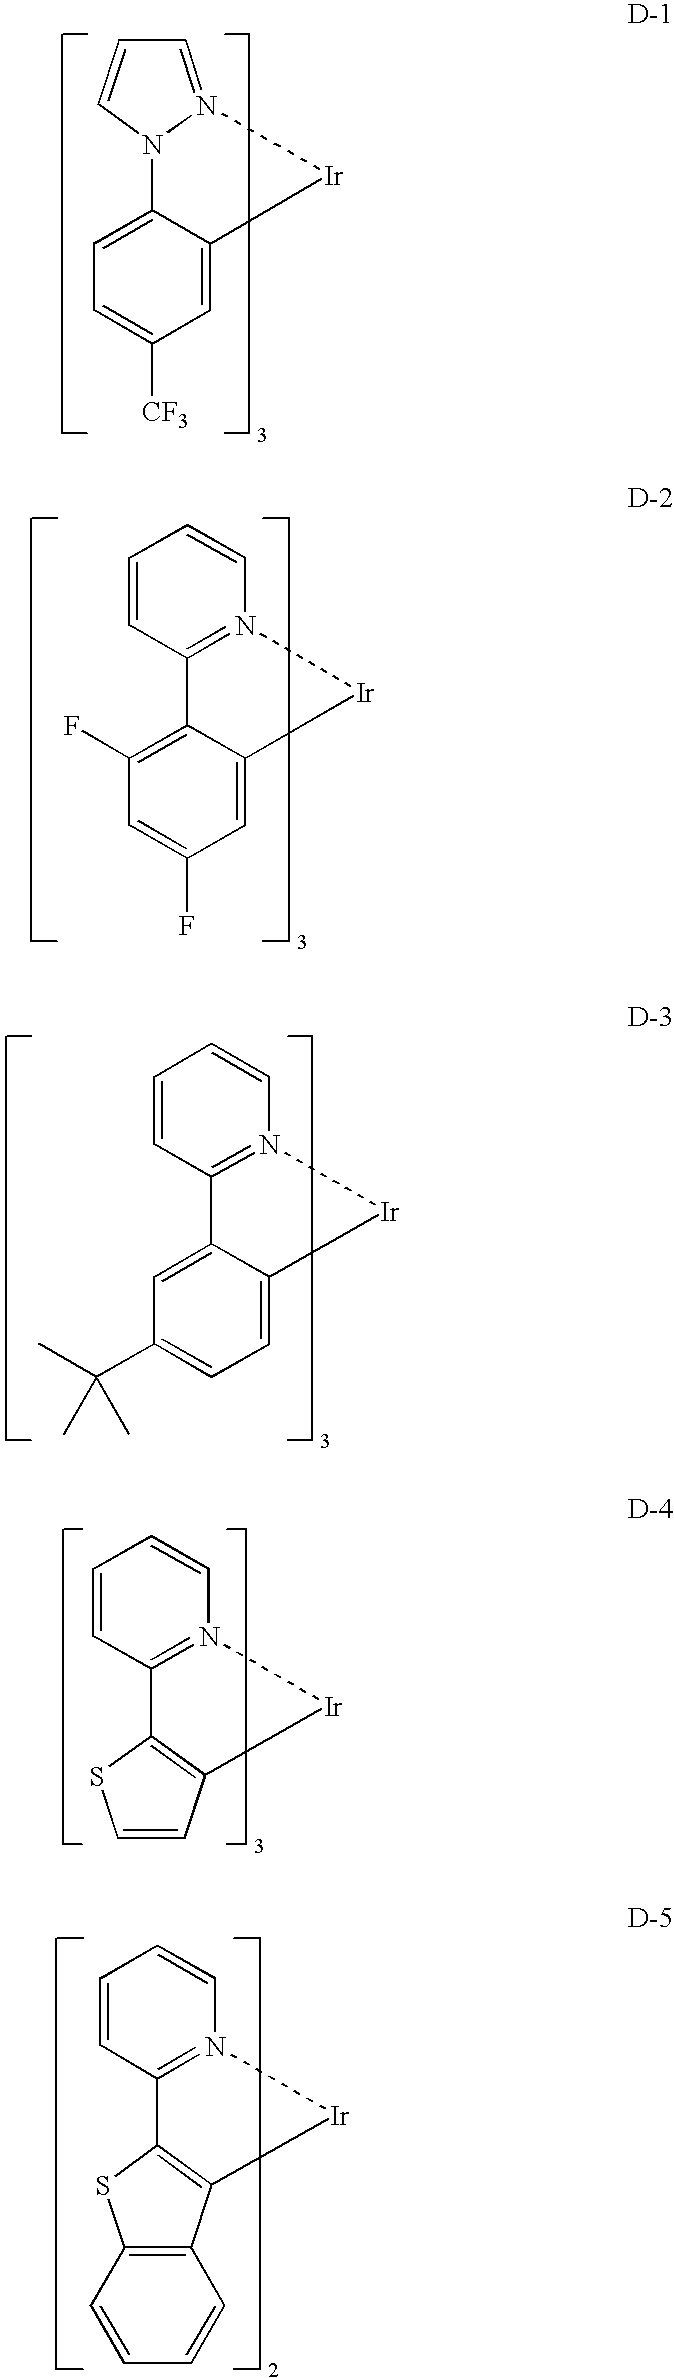 Figure US20090001360A1-20090101-C00001